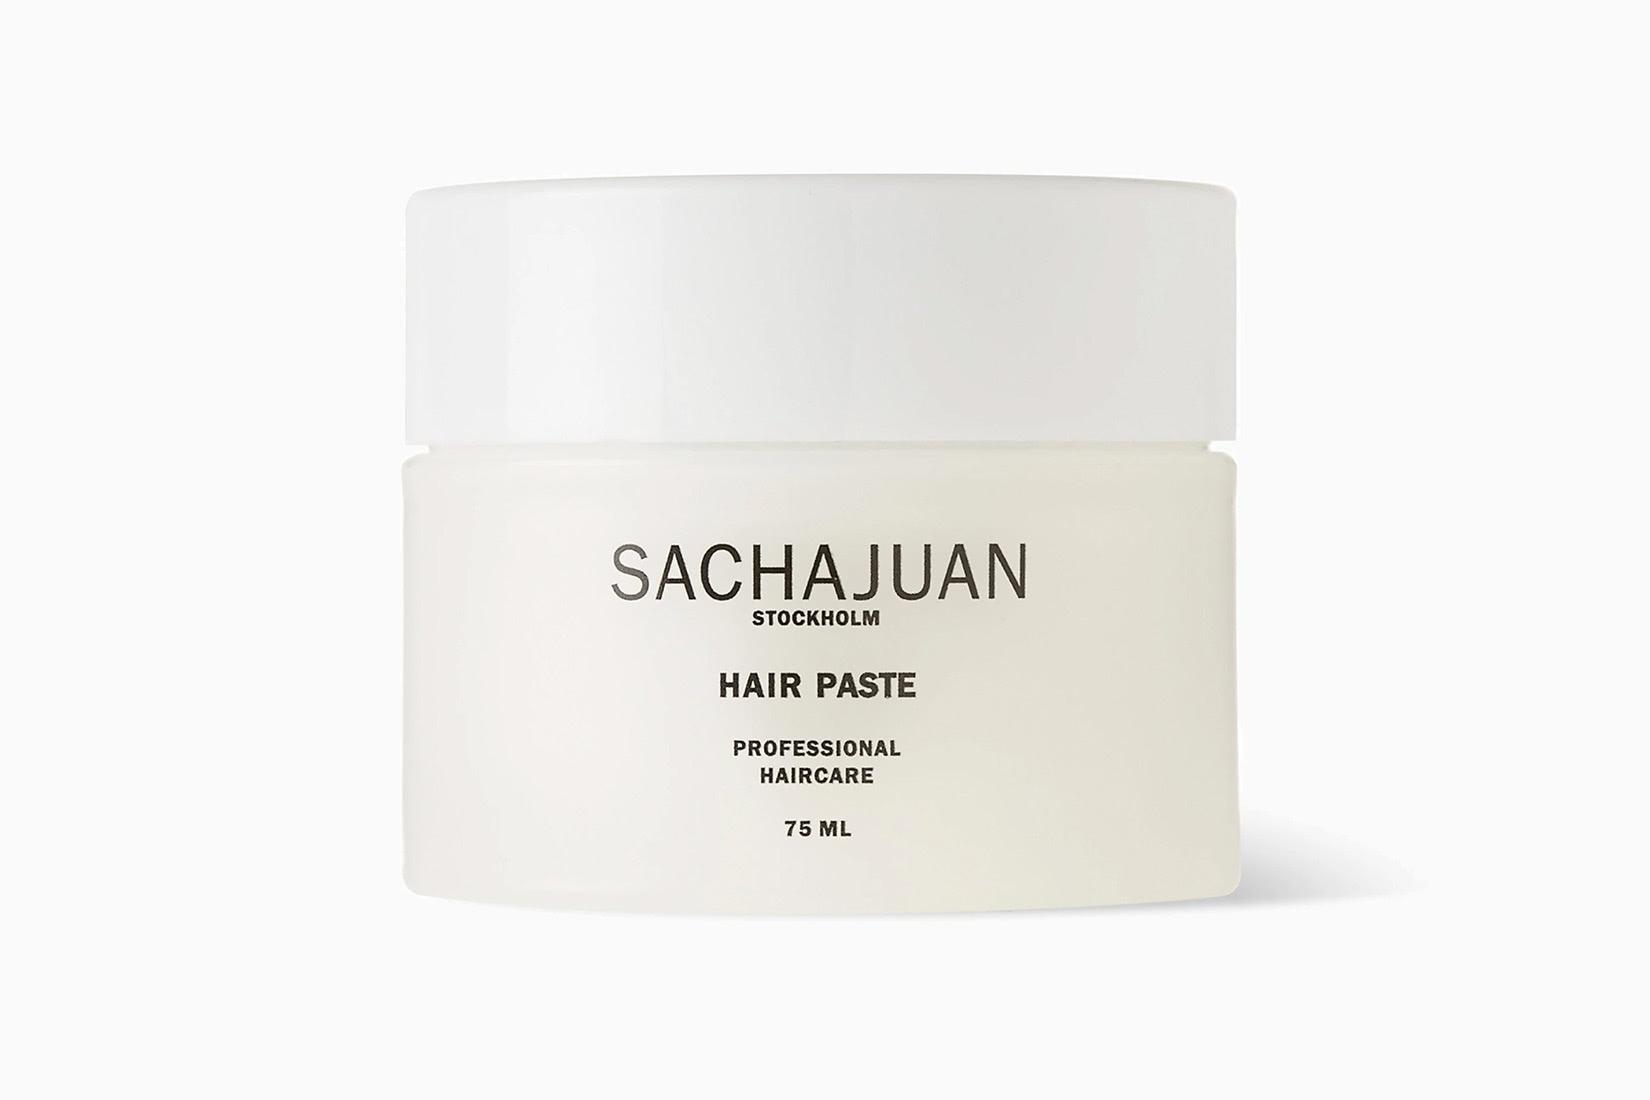 mejores productos para peinar el cabello hombres pasta sachajuan luxe digital